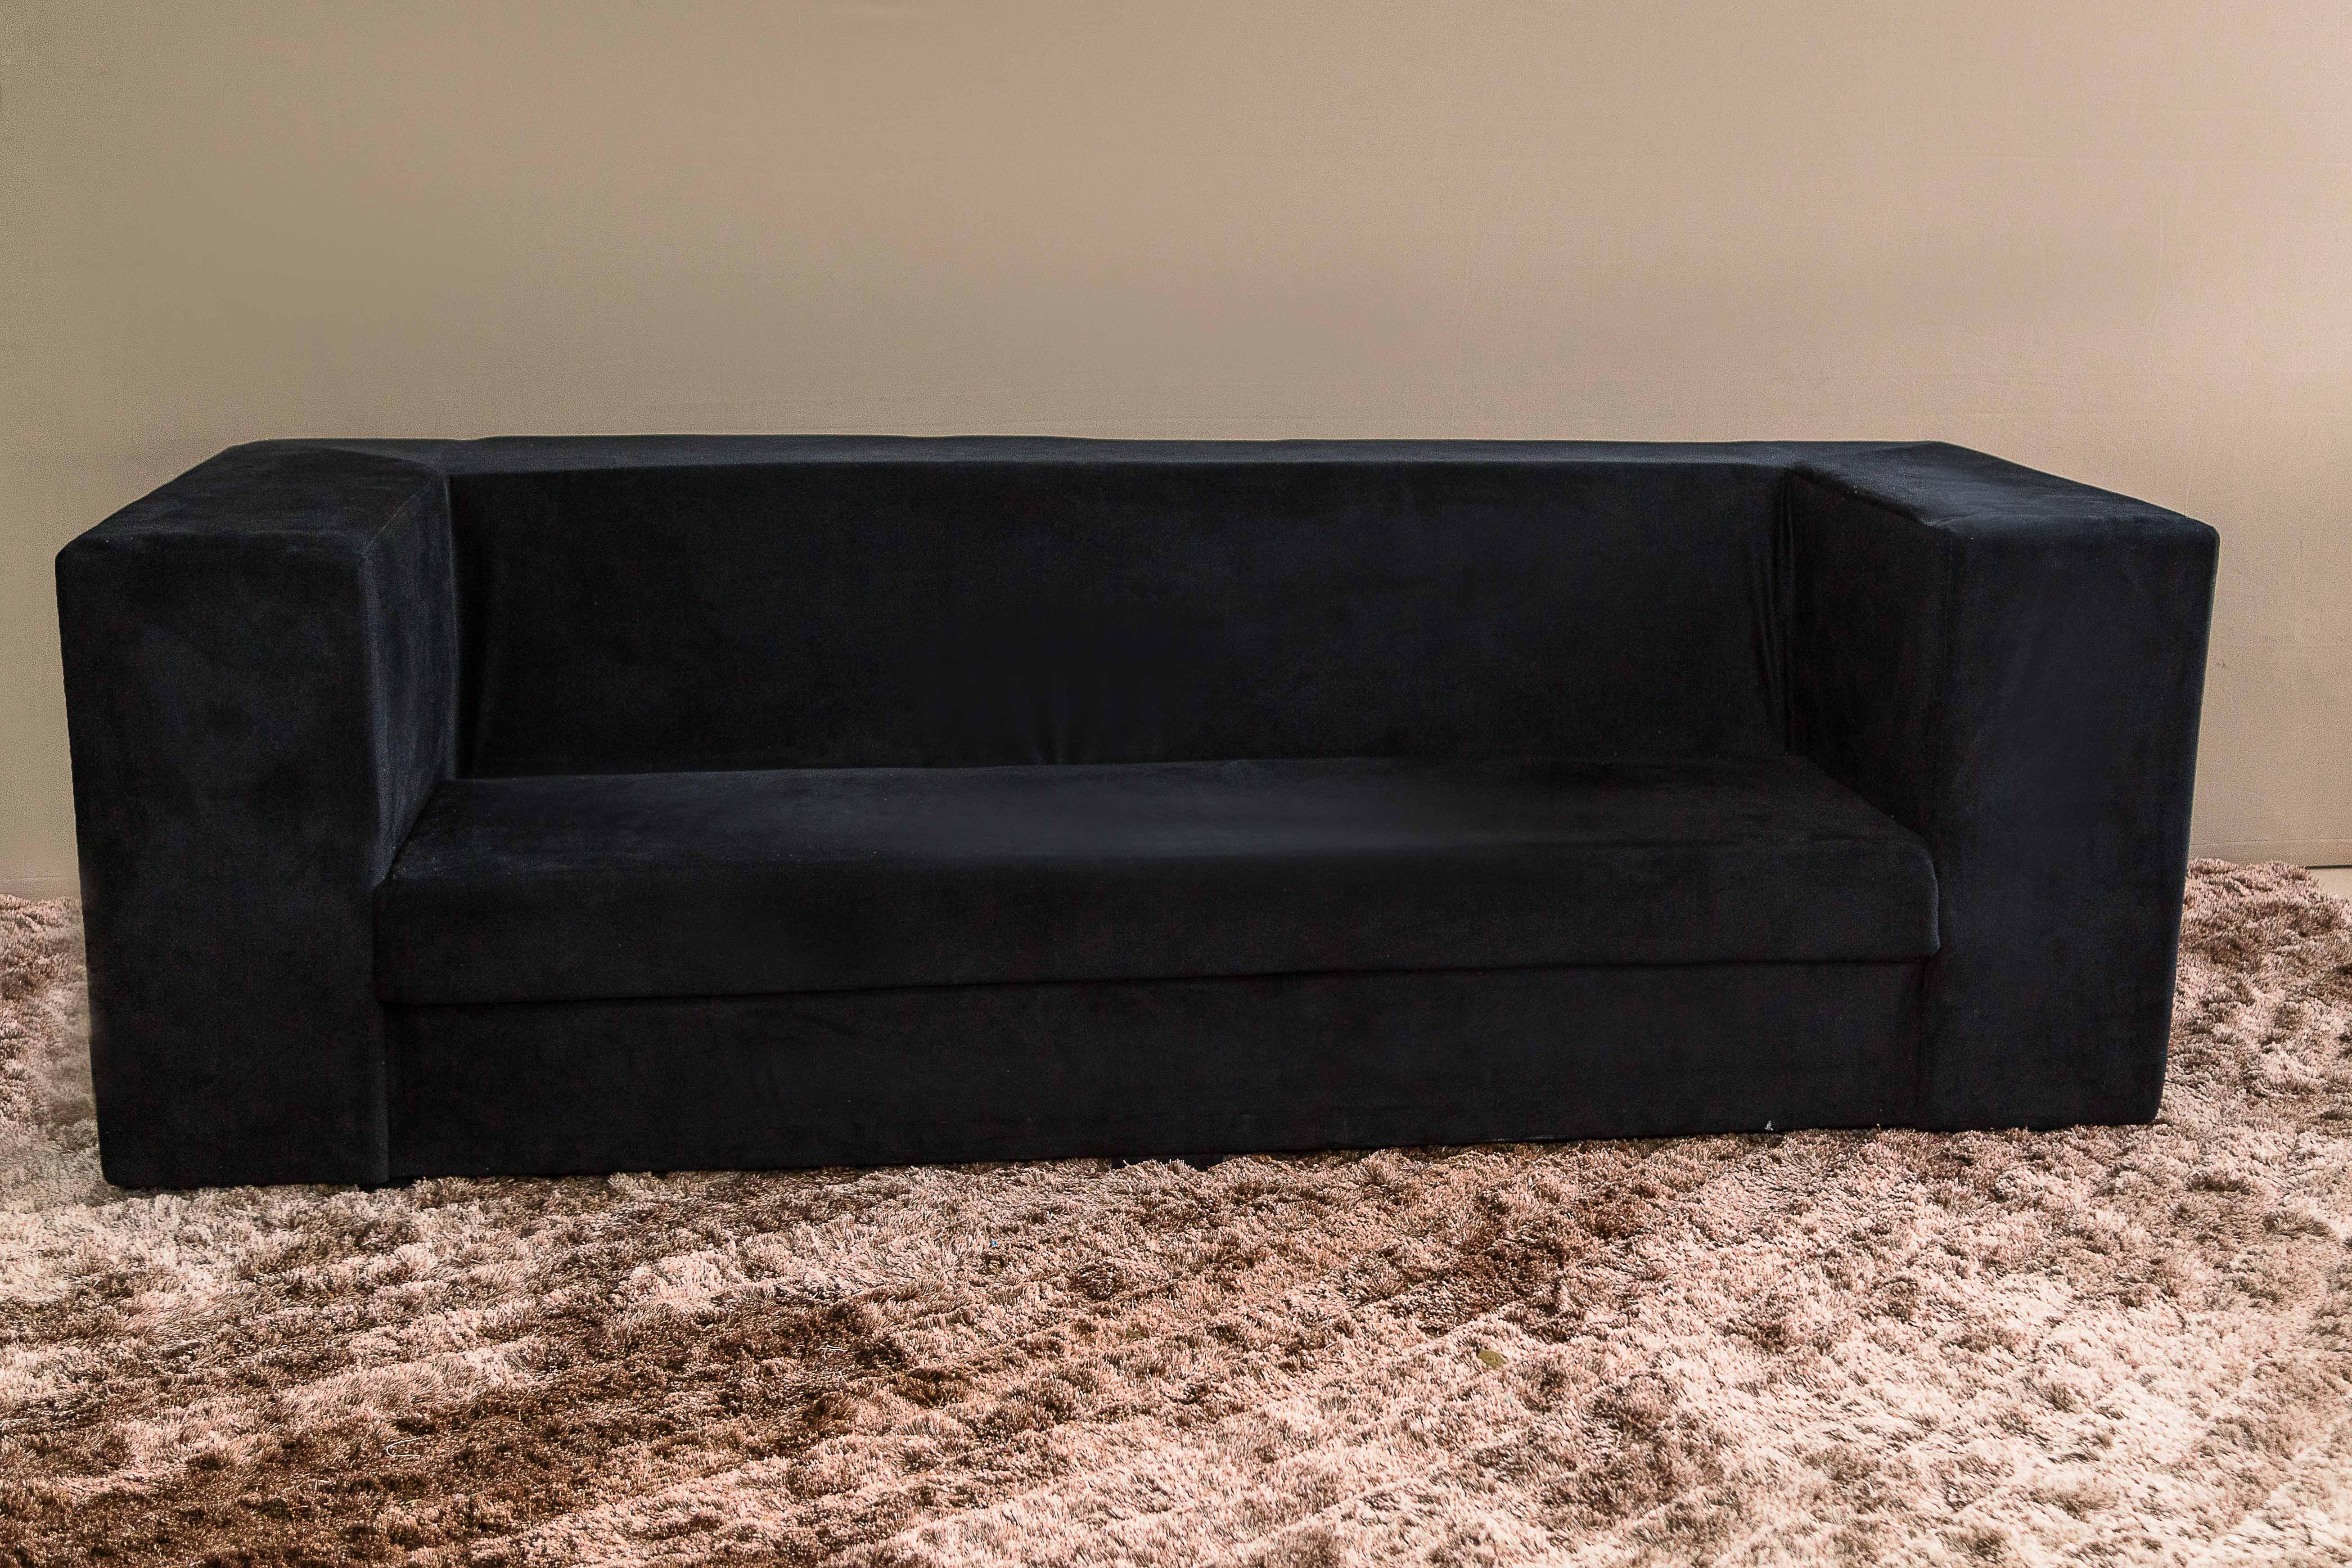 Sofá de veludo preto  - Linhas Retas